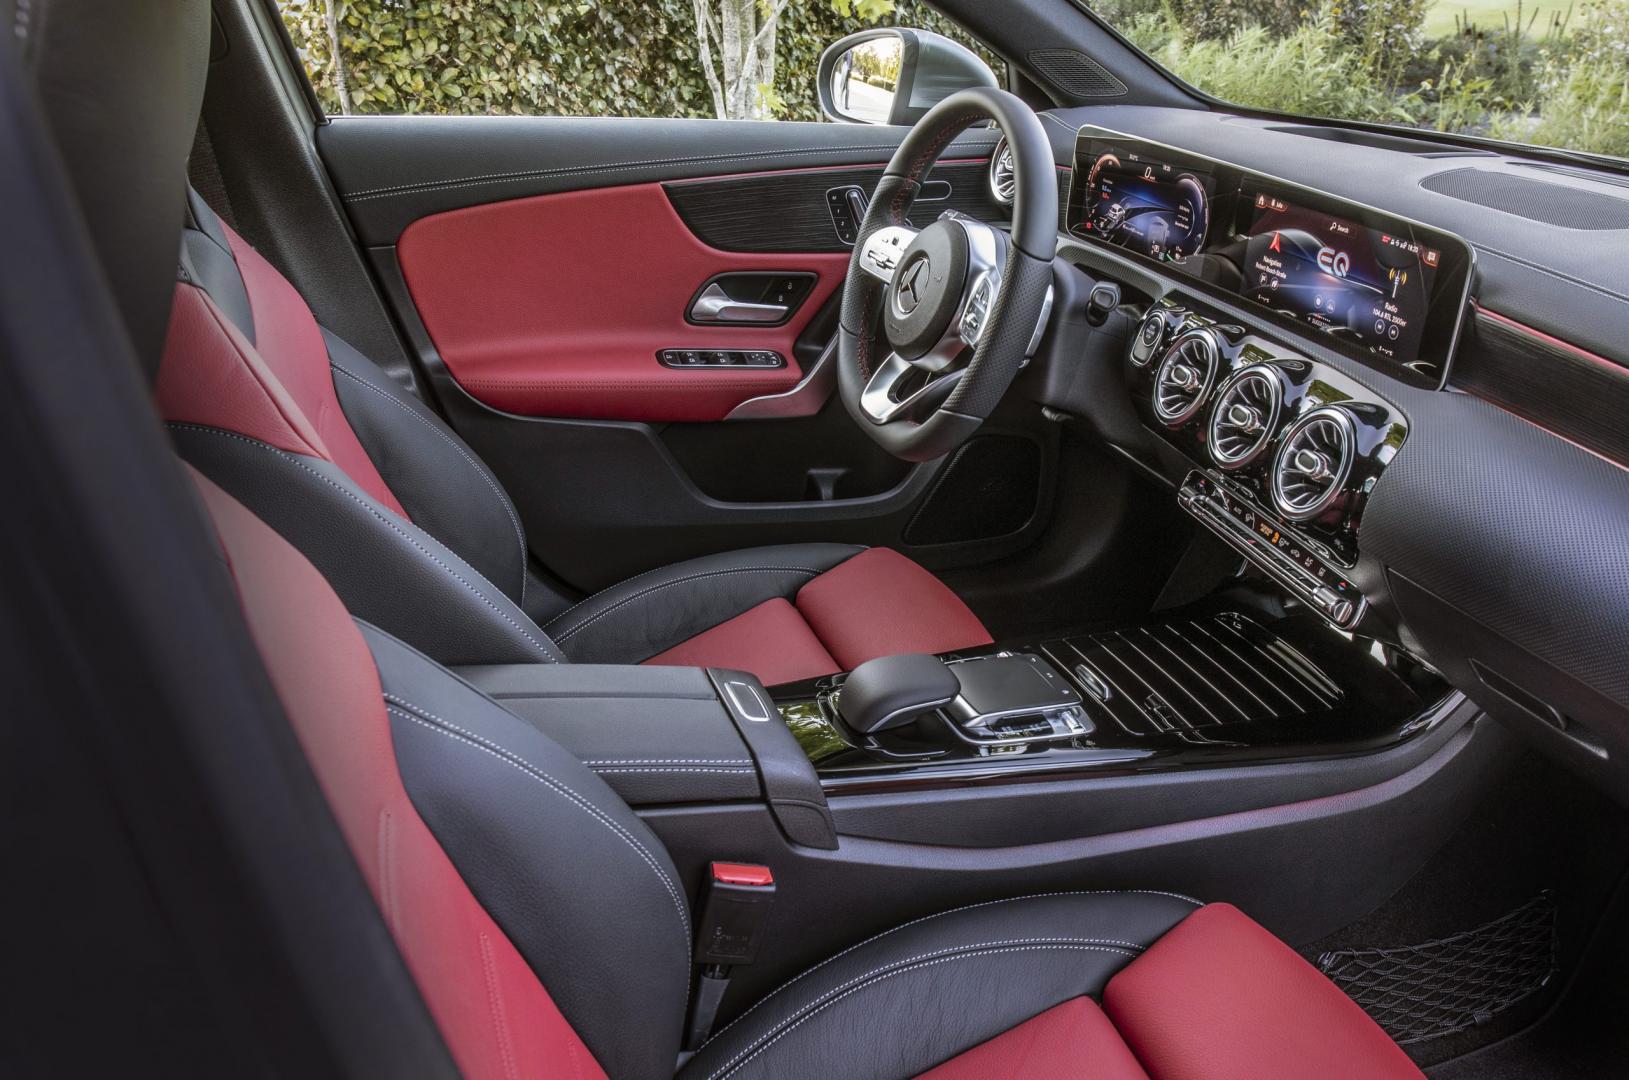 Mercedes A 250 e interieur